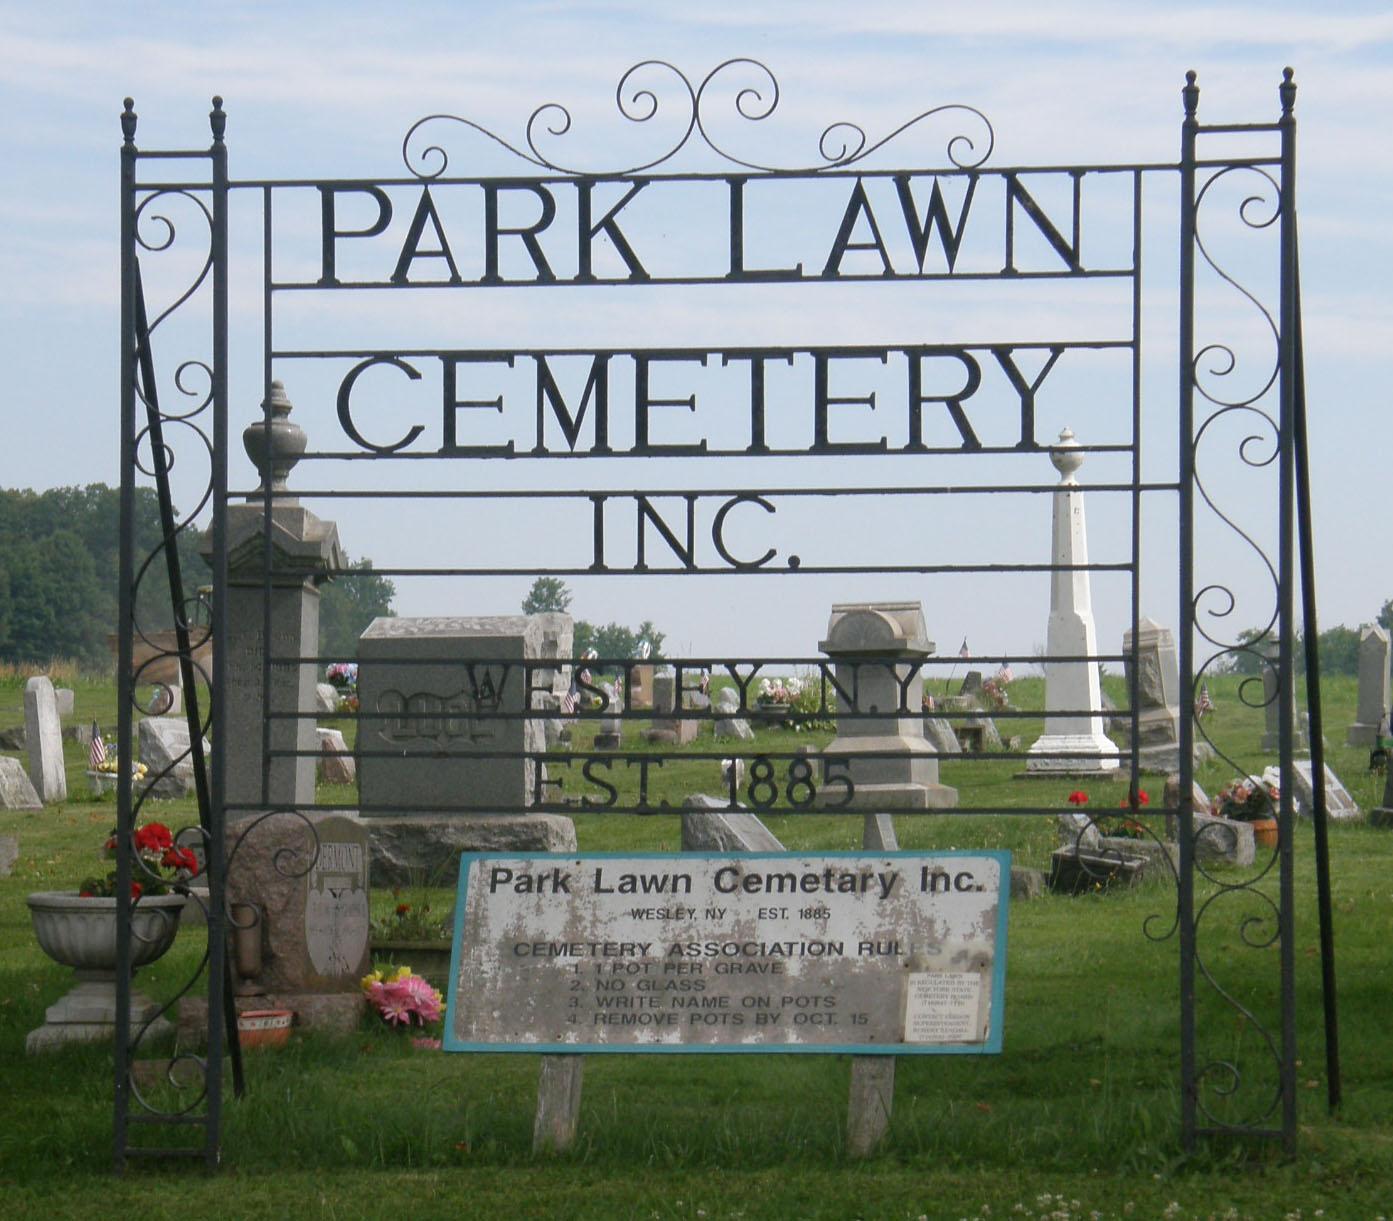 Parklawn Cemetery